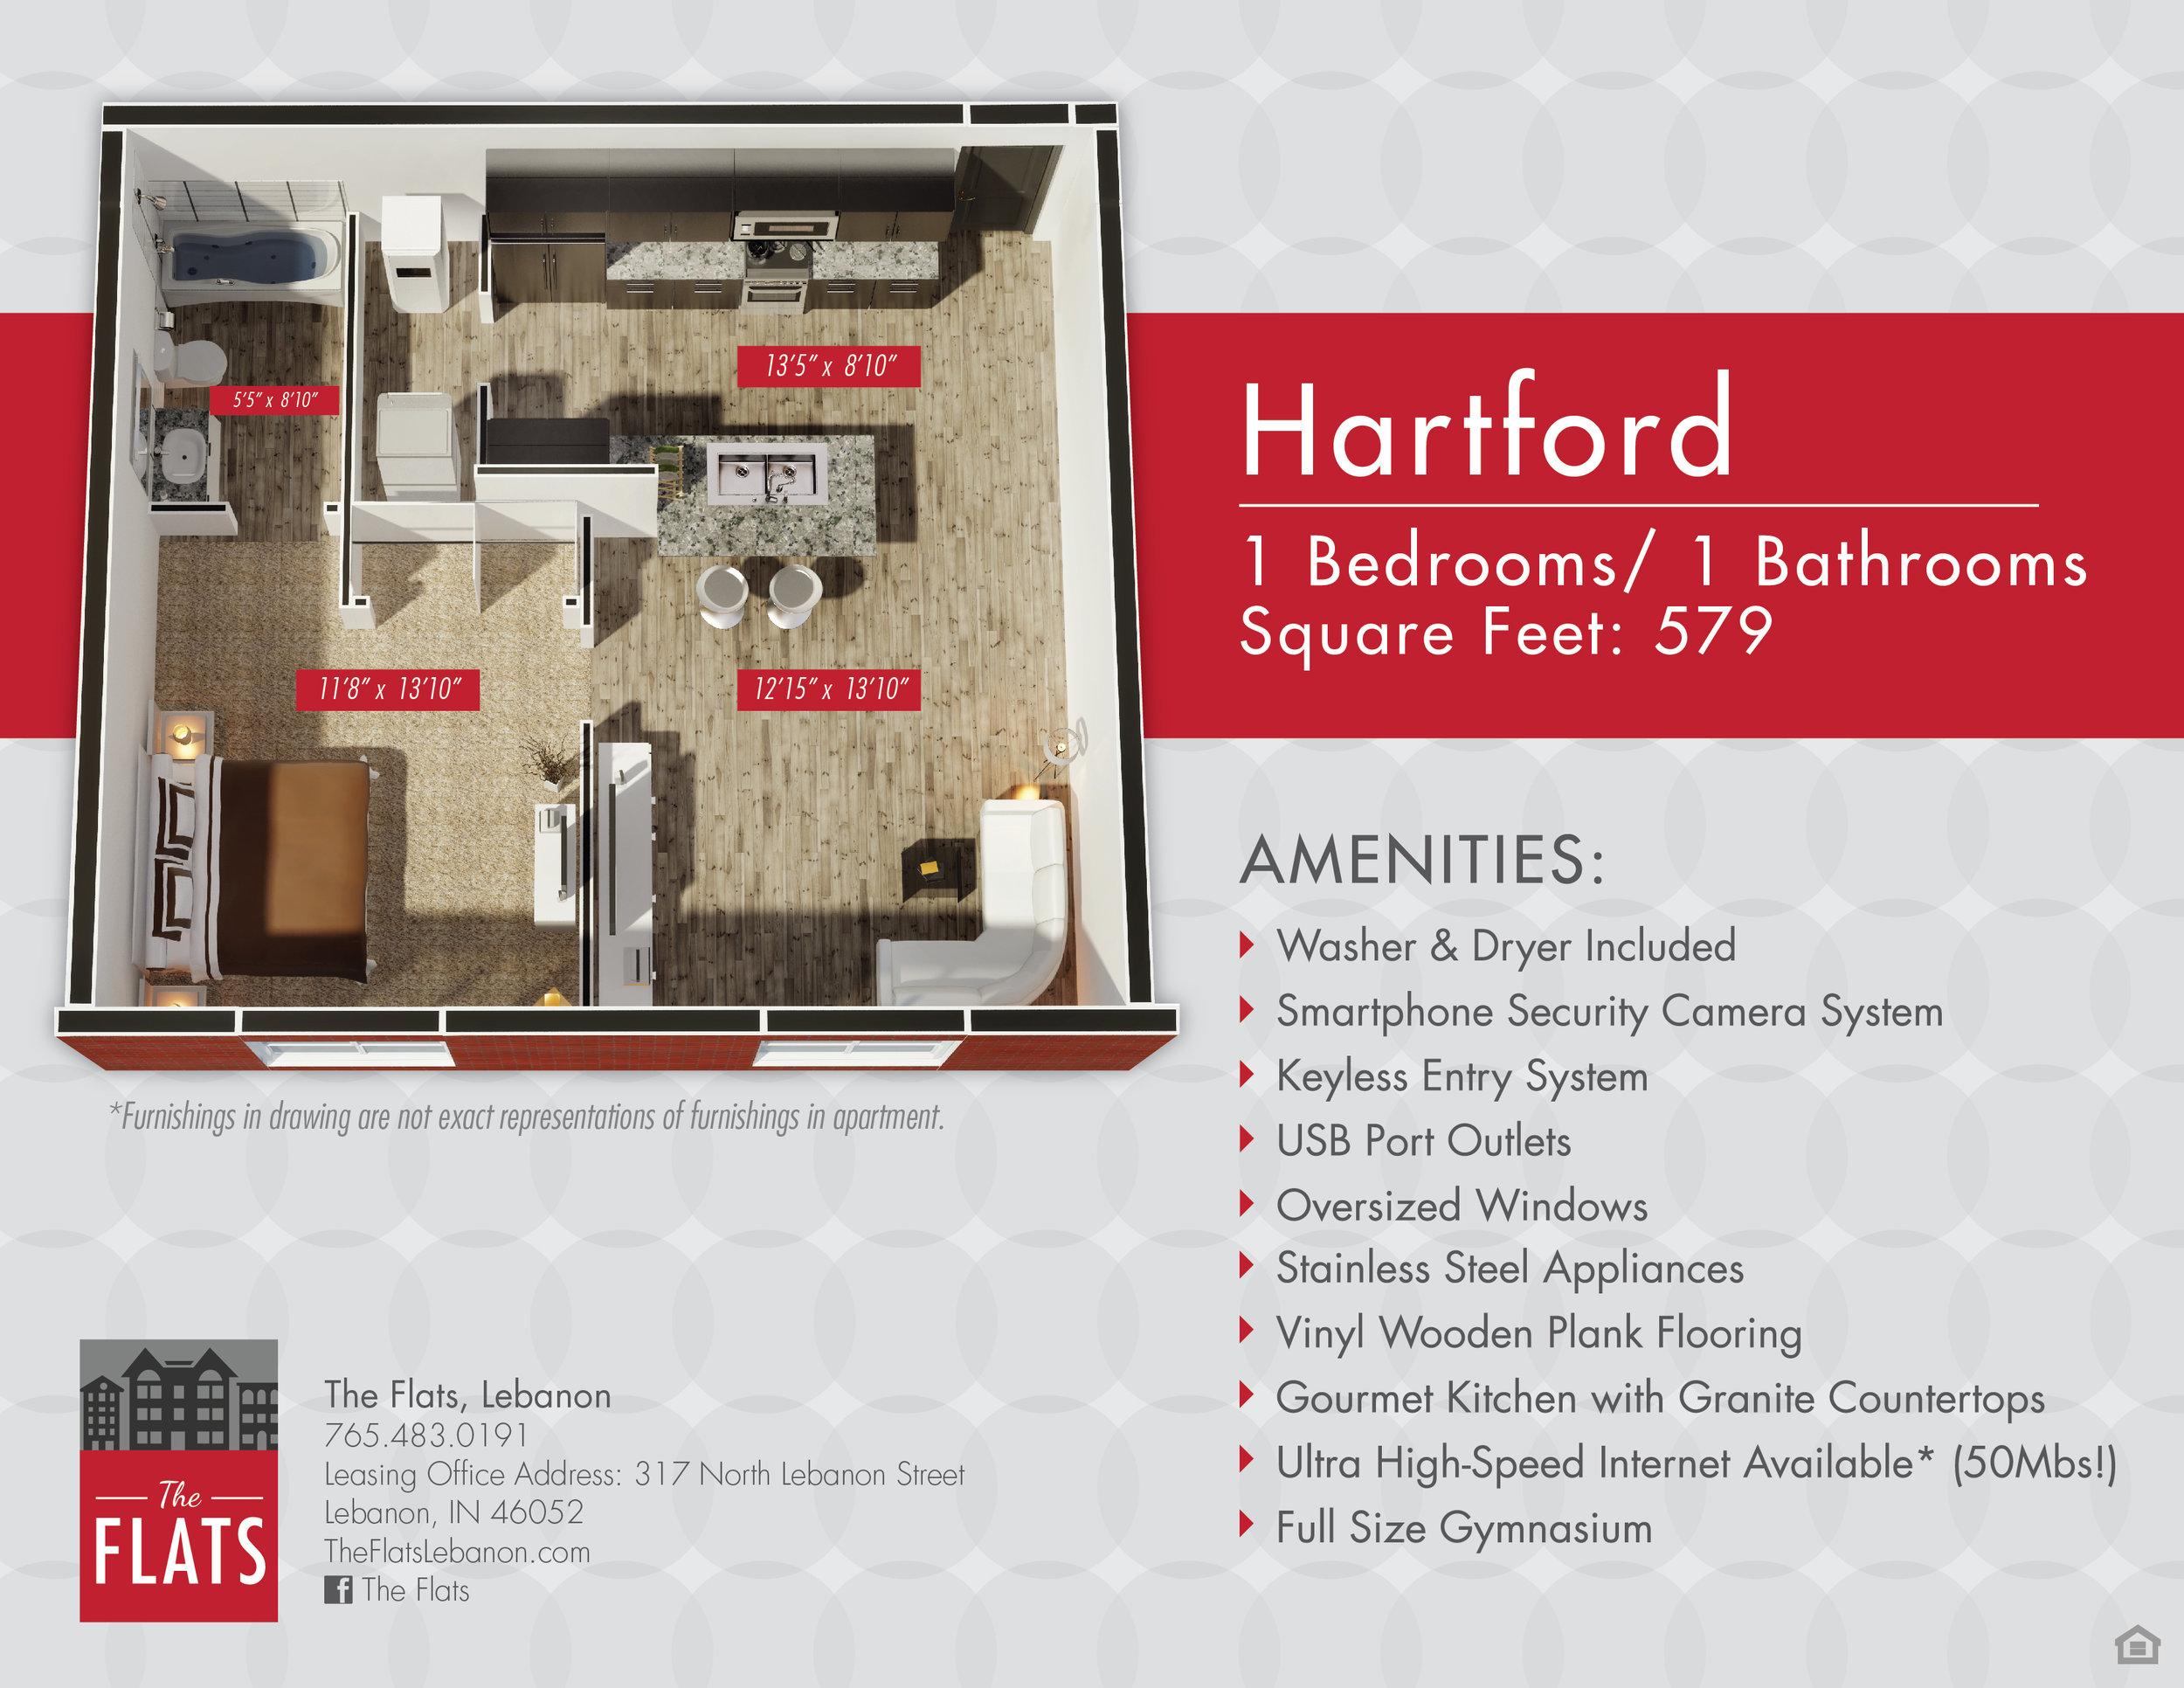 Hartford-01.jpg